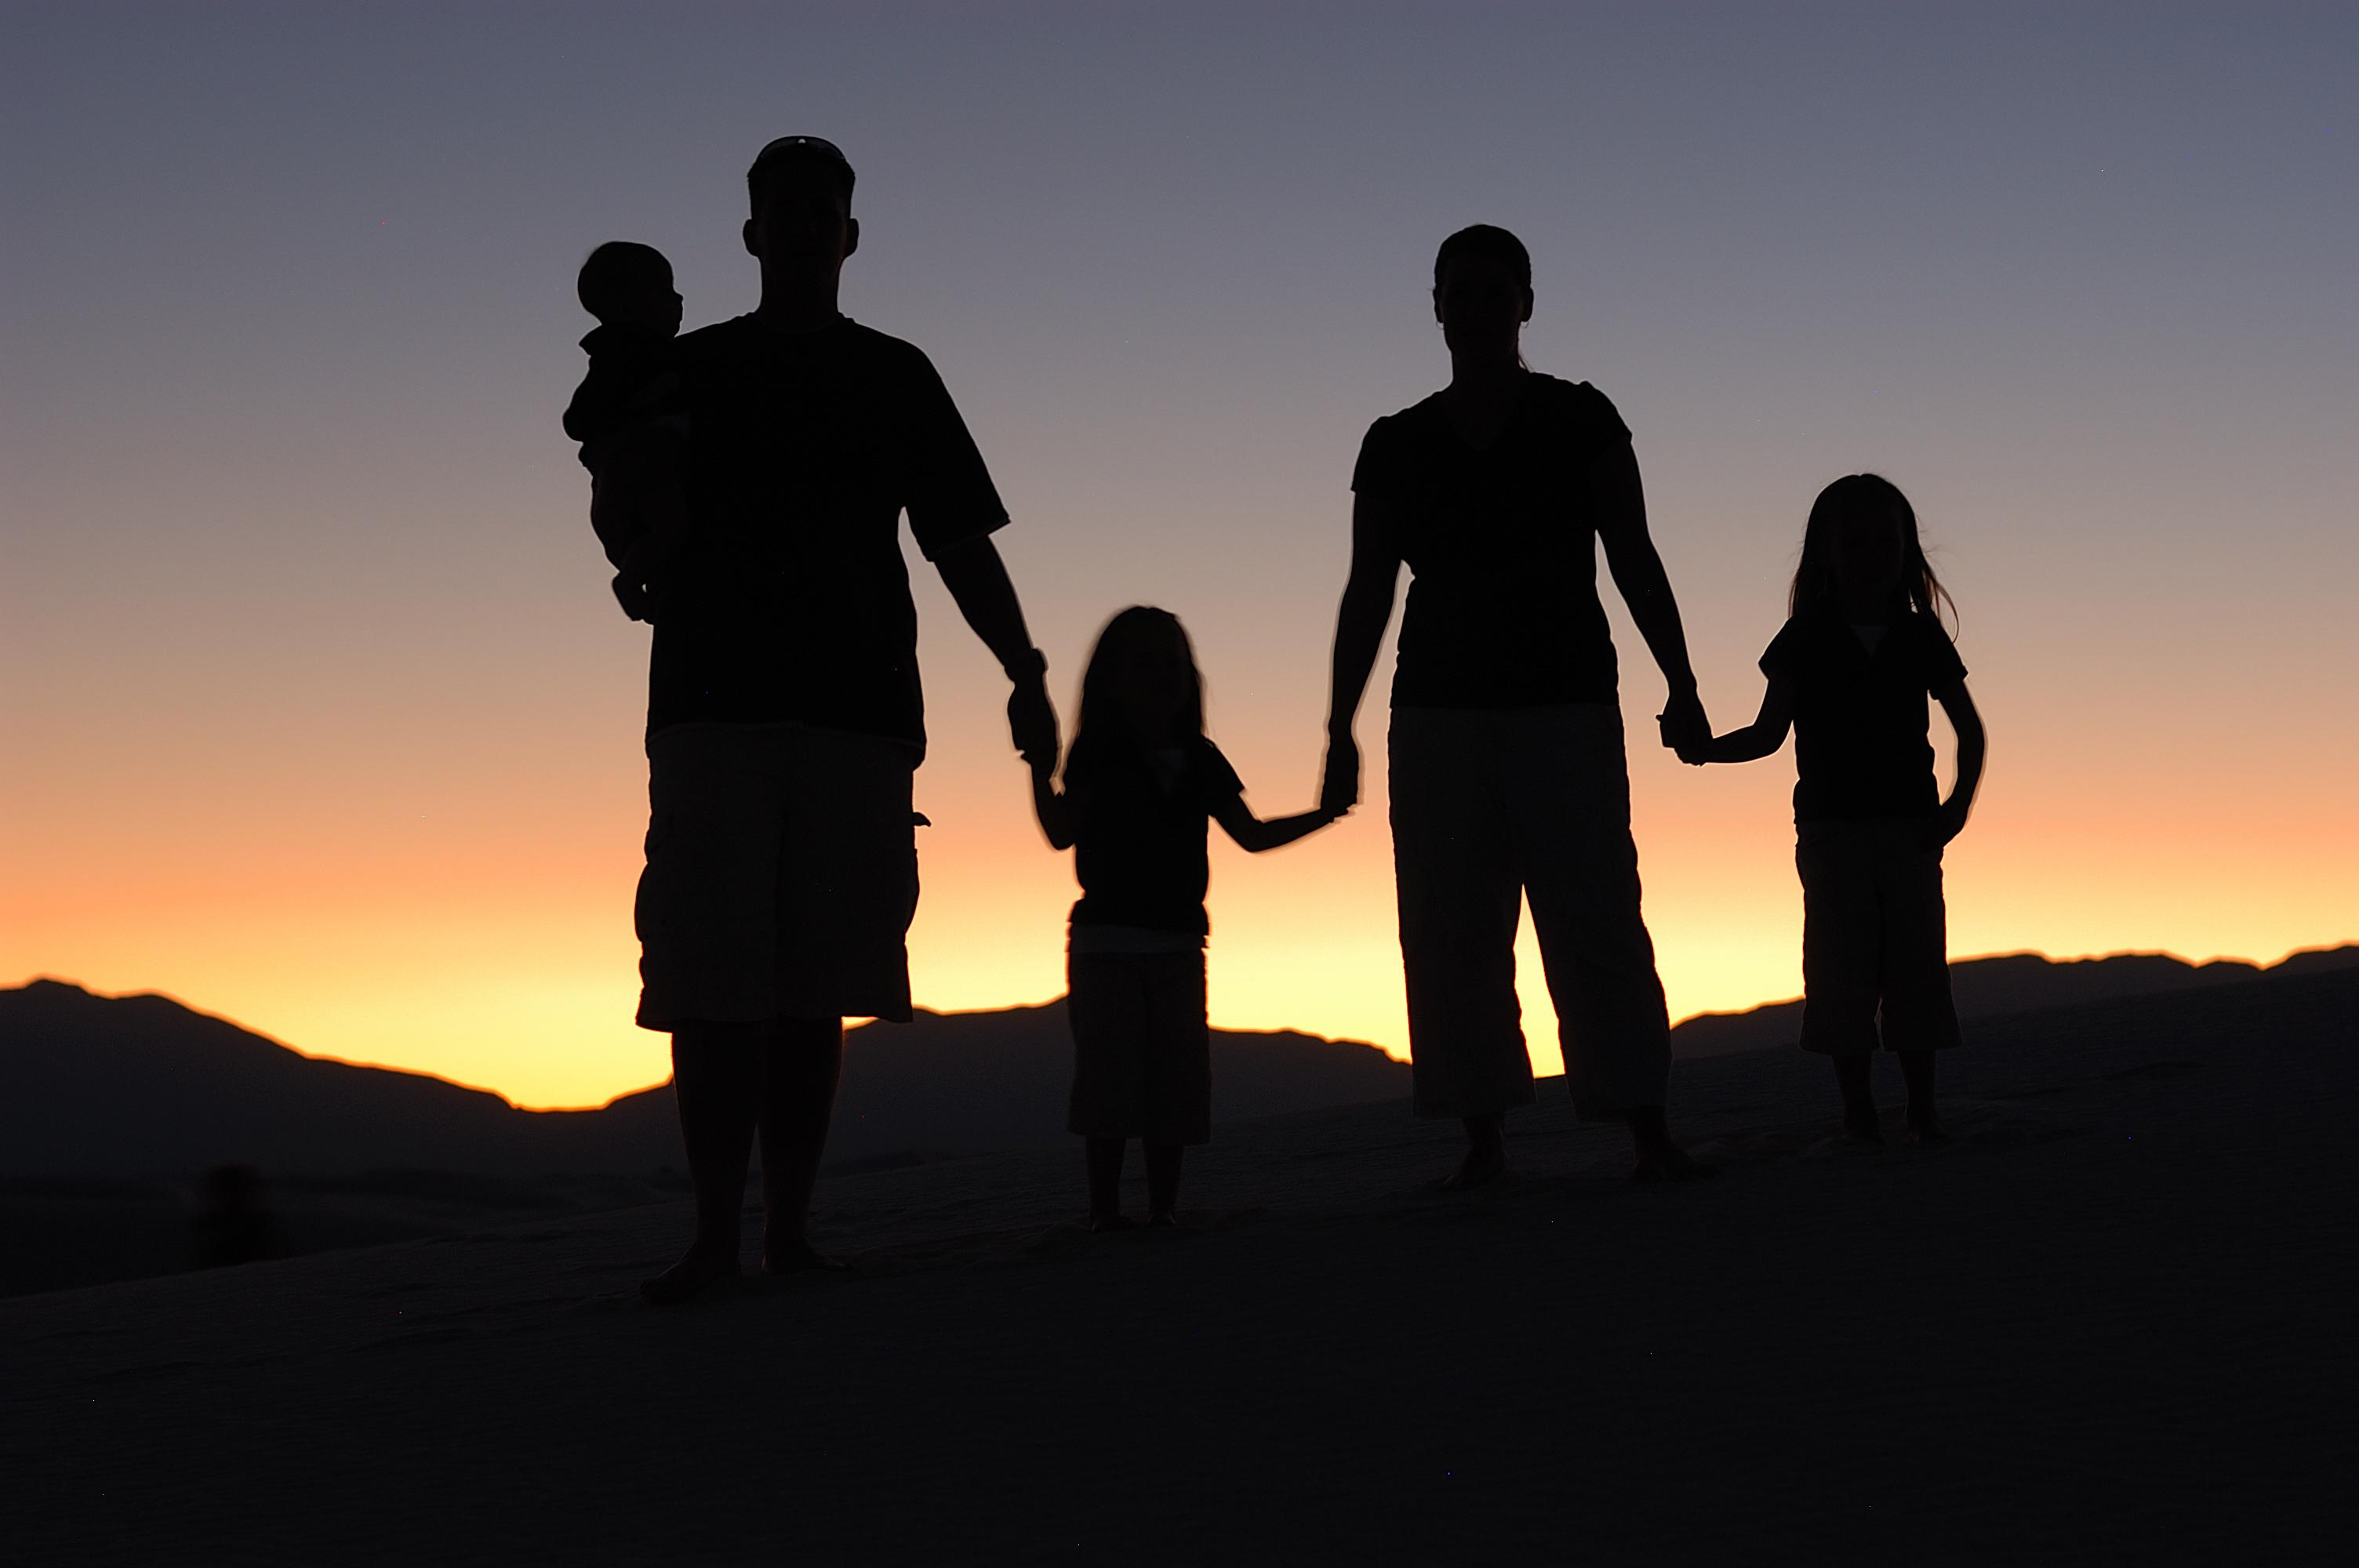 תפילה למשפחה לאחר הדלקת נרות שבת בנוסח אורתודוכסי-ספרדי (קול וטקסט)